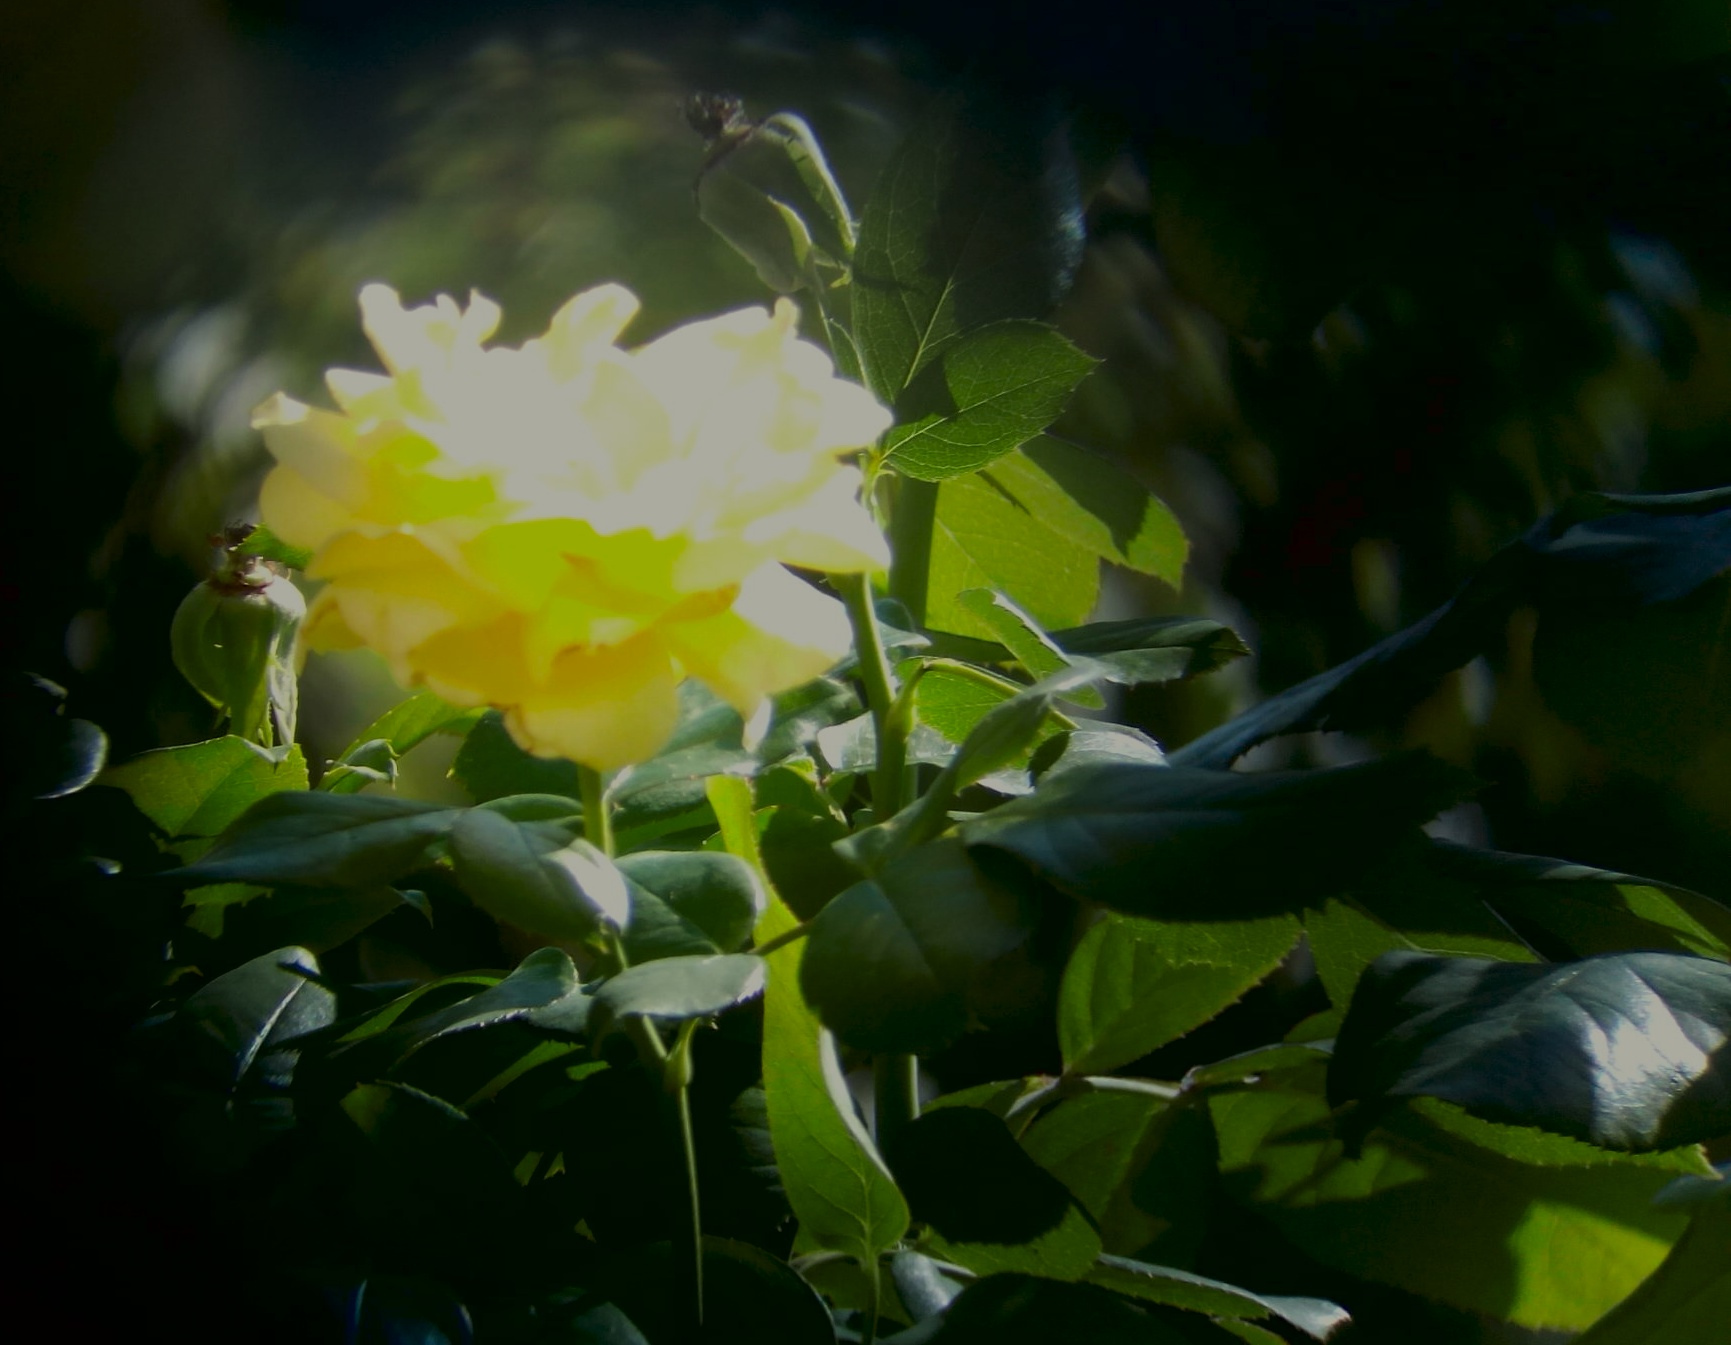 rose-jaune_20180911_154709_3.jpg.5677e76161ccb59895e98a61e9c297f7.jpg